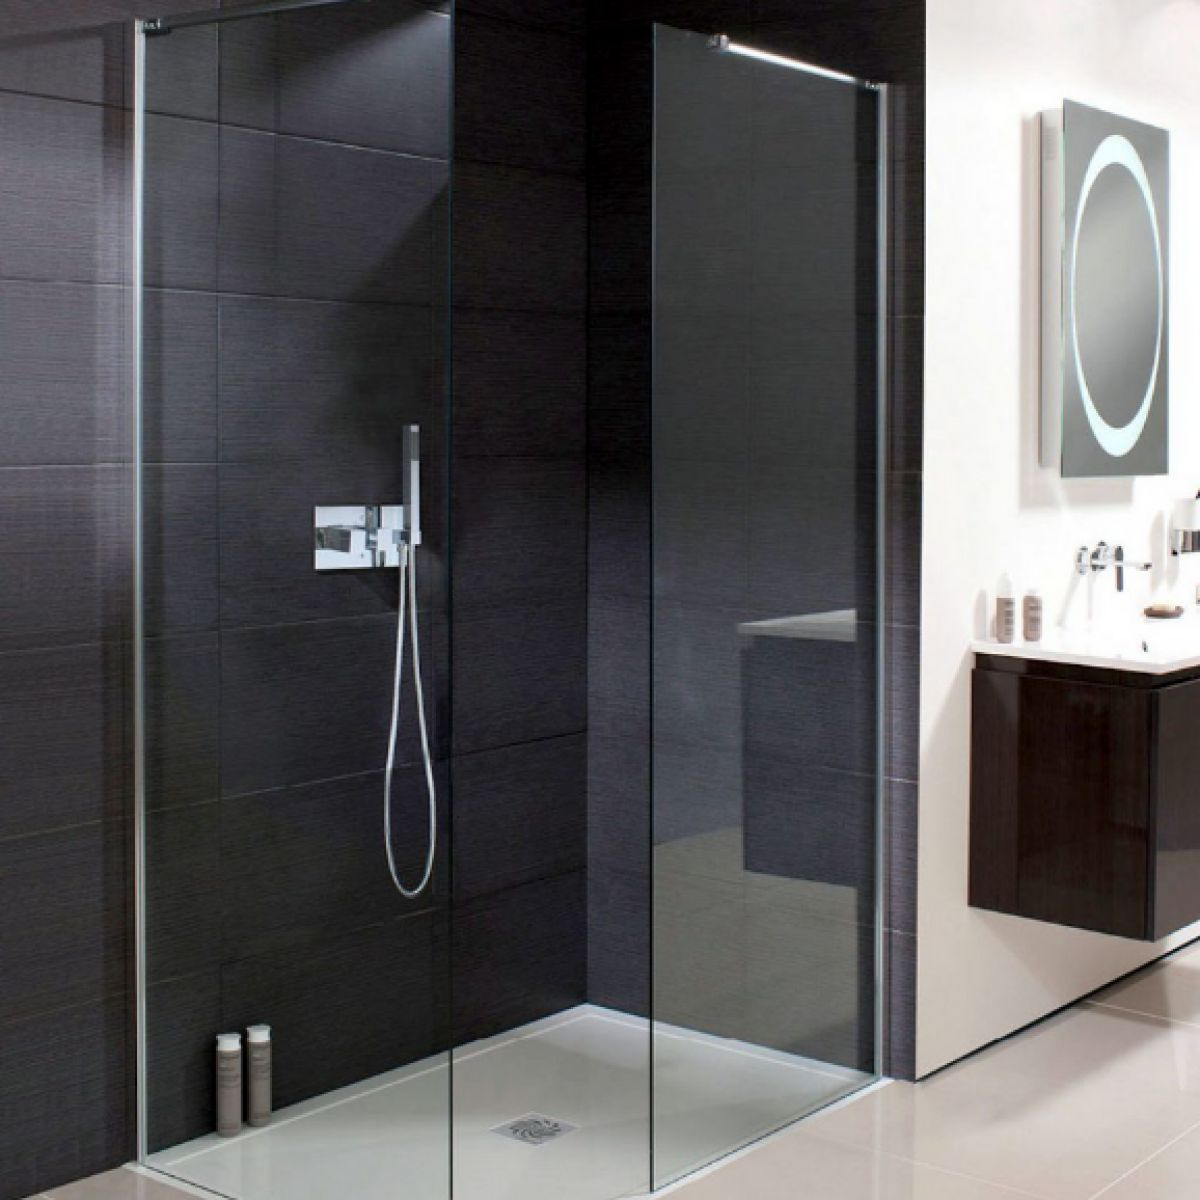 Simpsons design semi frameless walk in shower panel uk for Walk in shower plans and specs